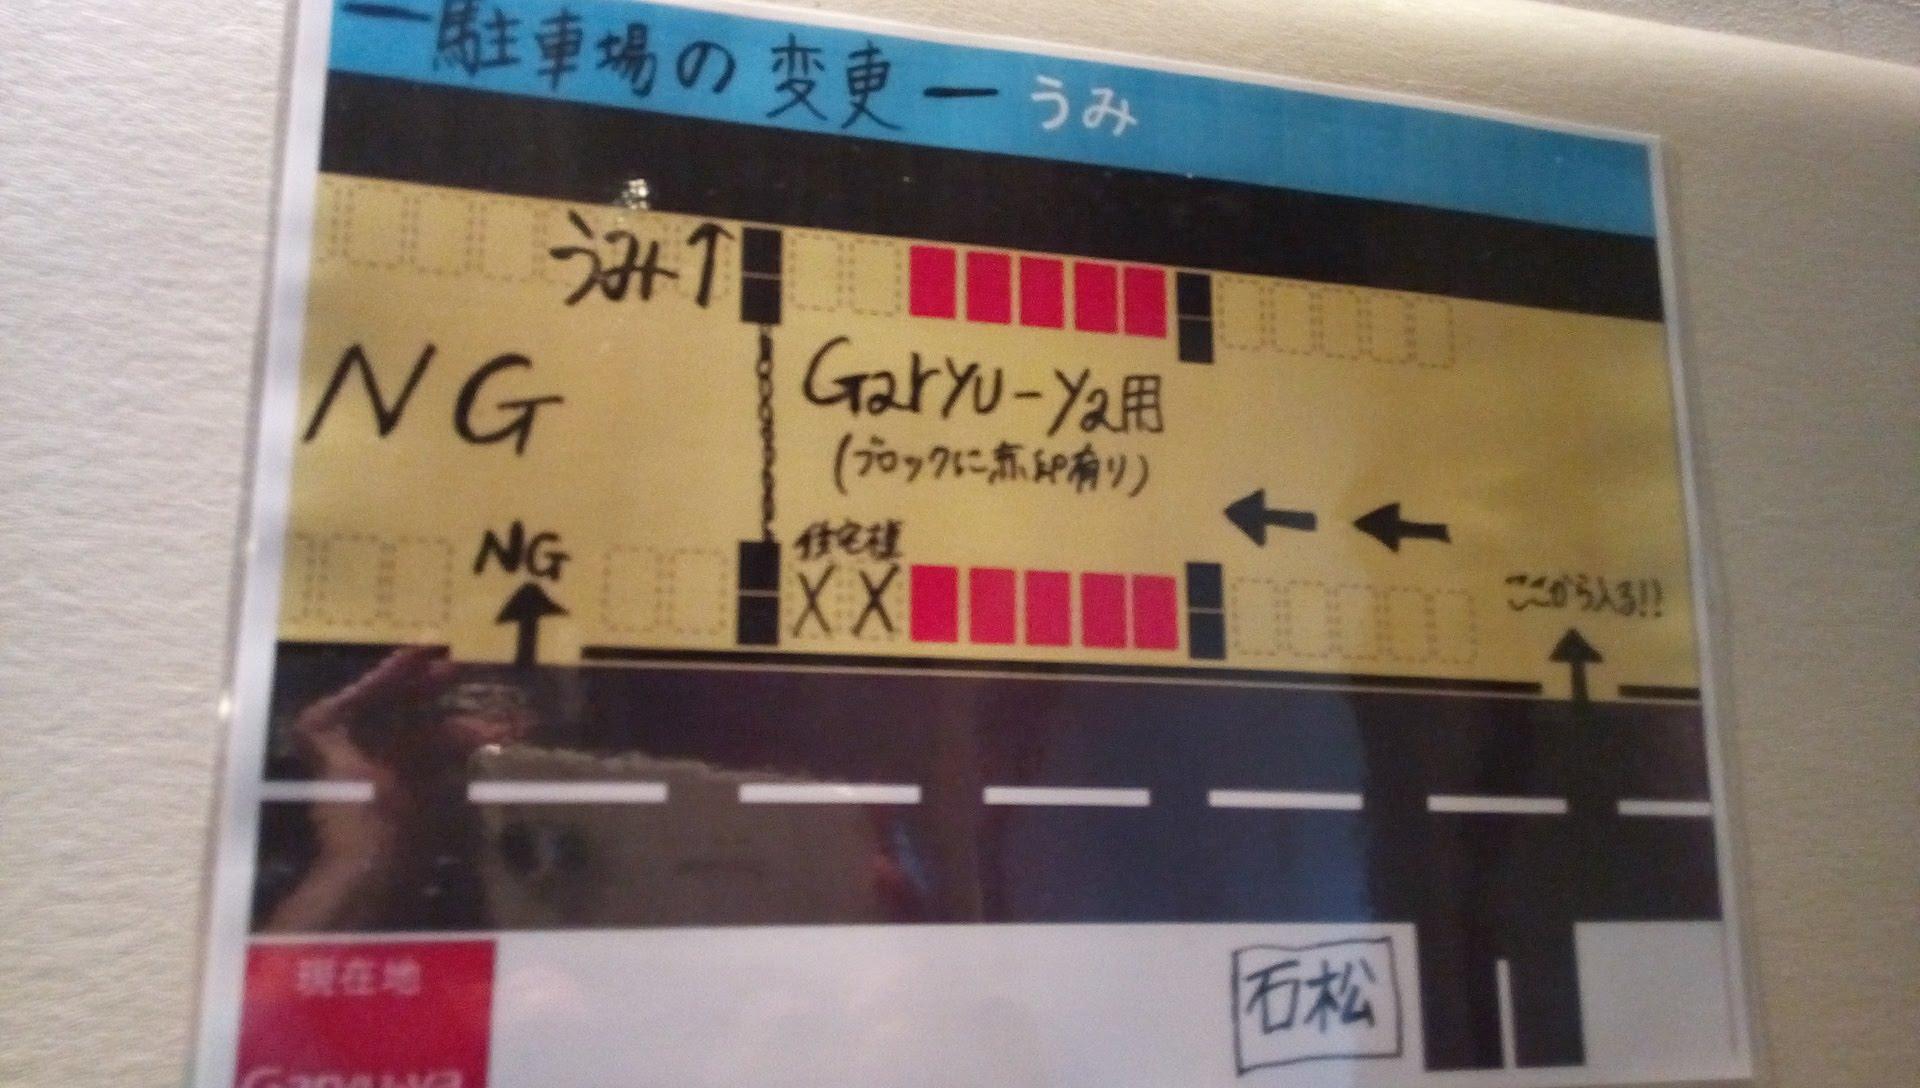 Garyu-yaの駐車場の案内